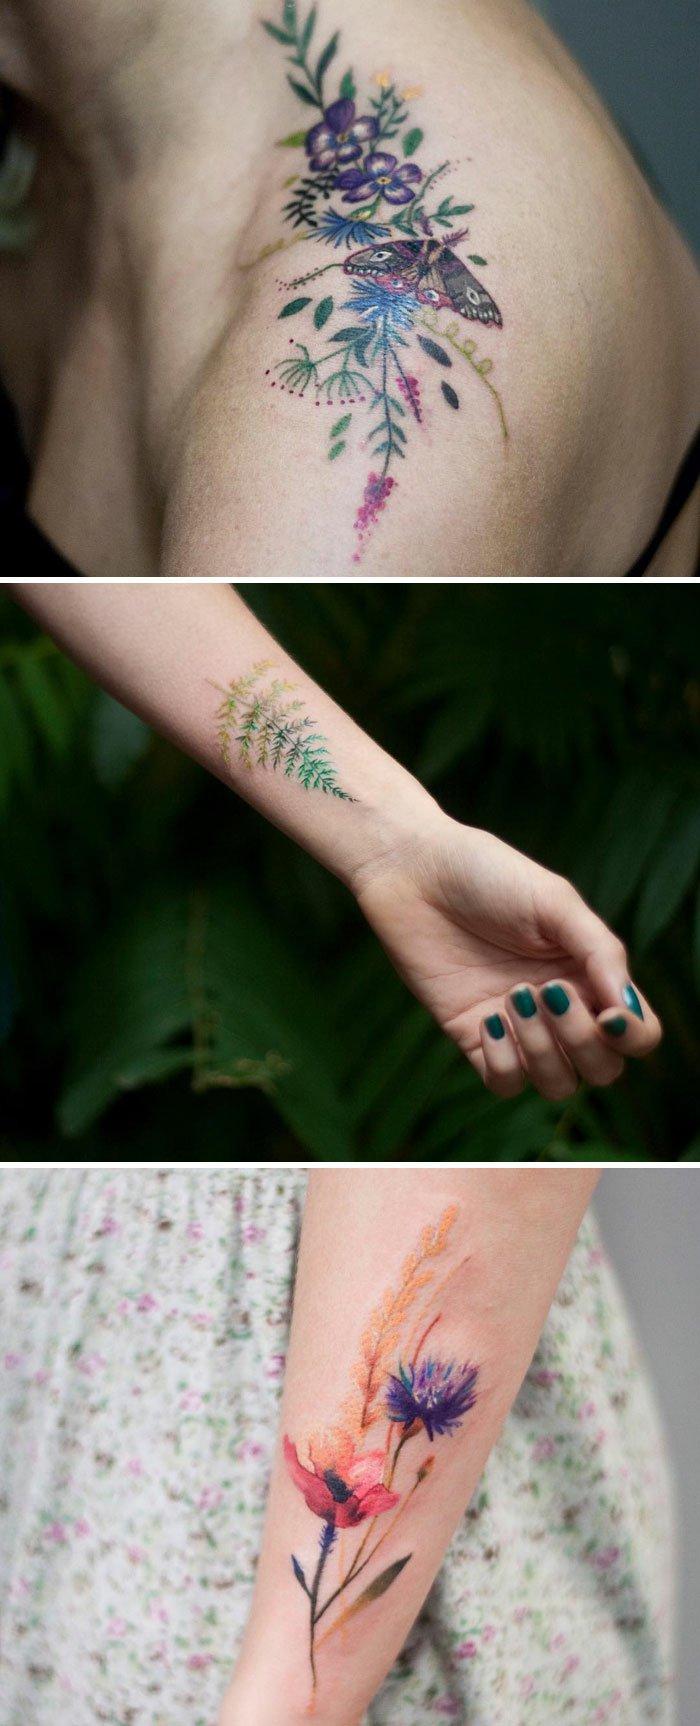 tres bonitas propuestas de tattoos con flores en colores y significado de las flores, imagines de tattoos